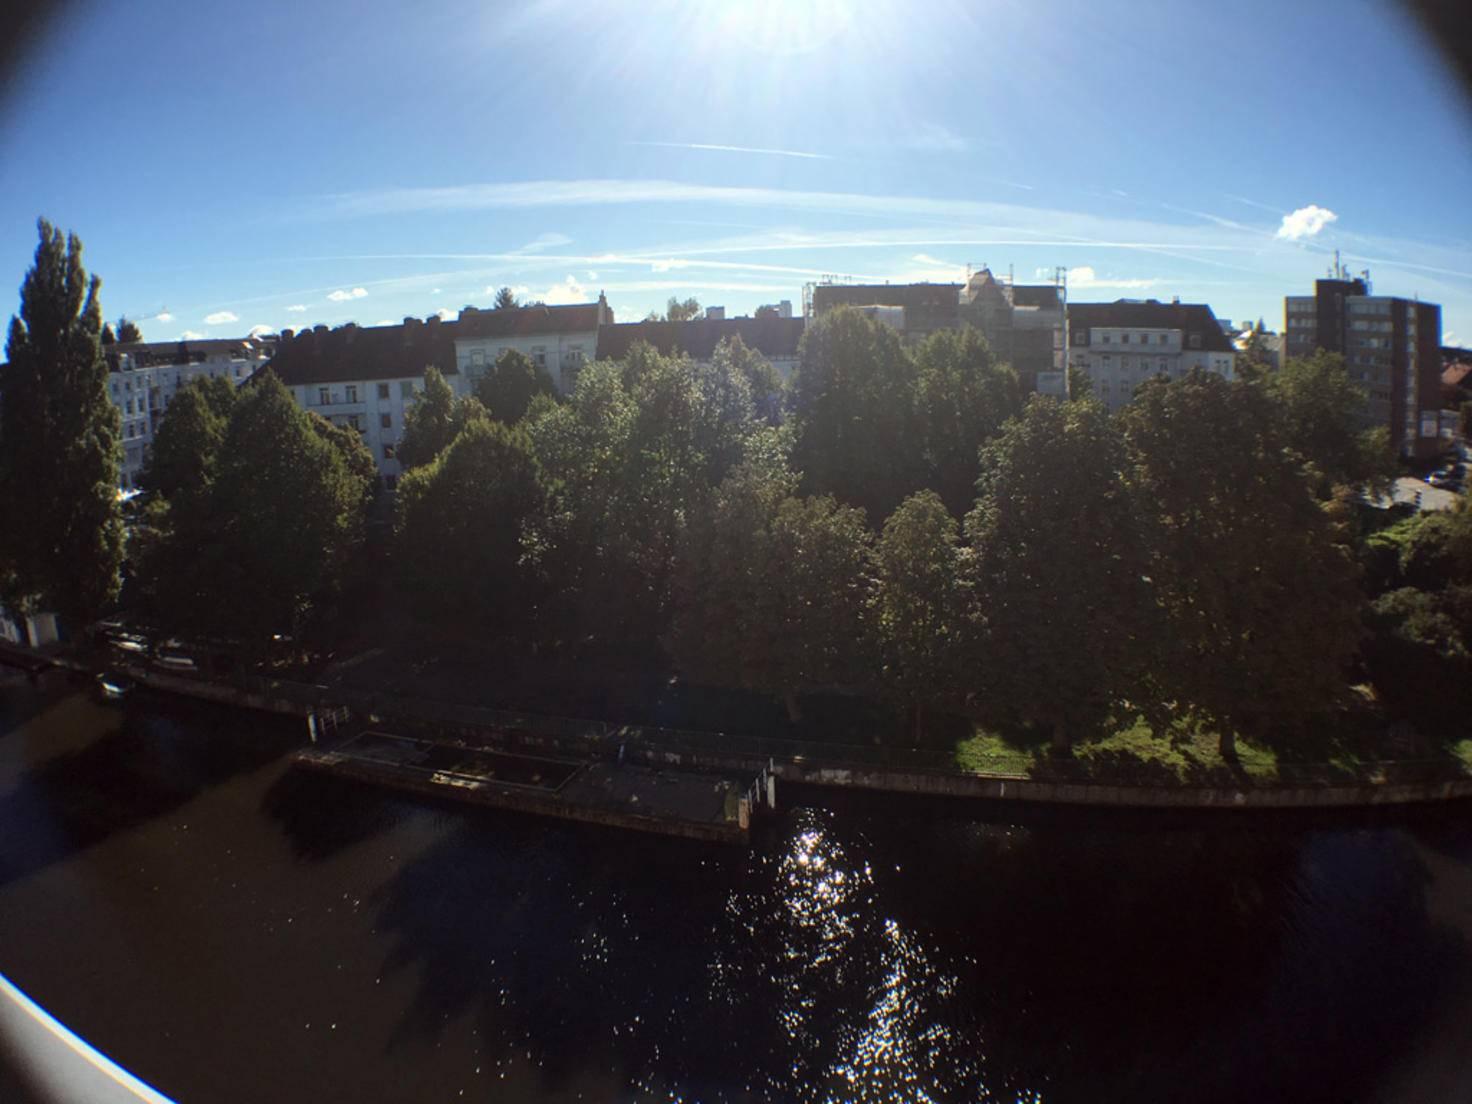 Weitwinkelaufnahme der Walimex. Aufgenommen mit dem iPhone 6s.